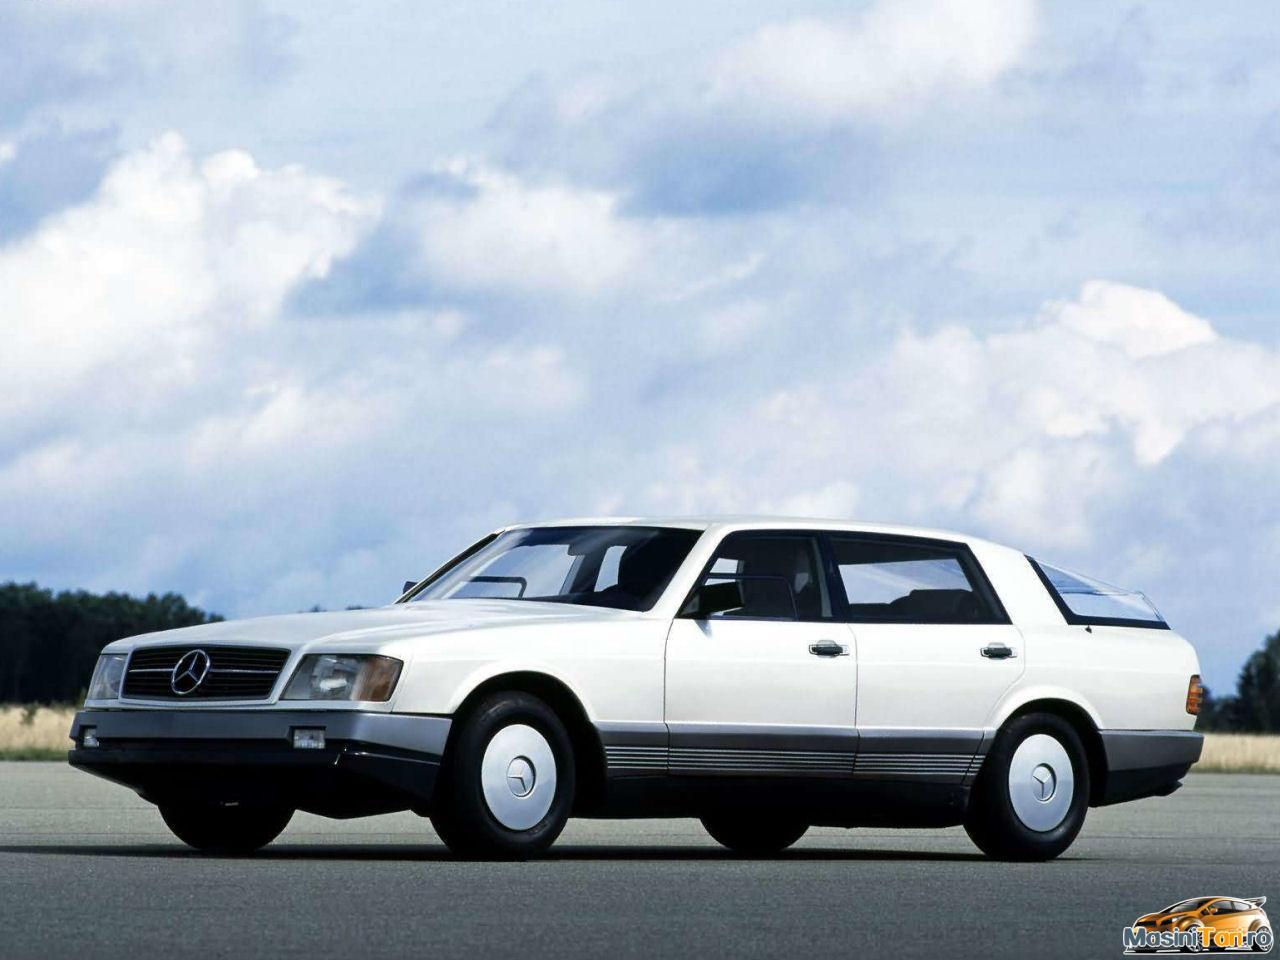 1981 mercedes benz auto2000 mercedes benz for Mercedes benz gas chambers